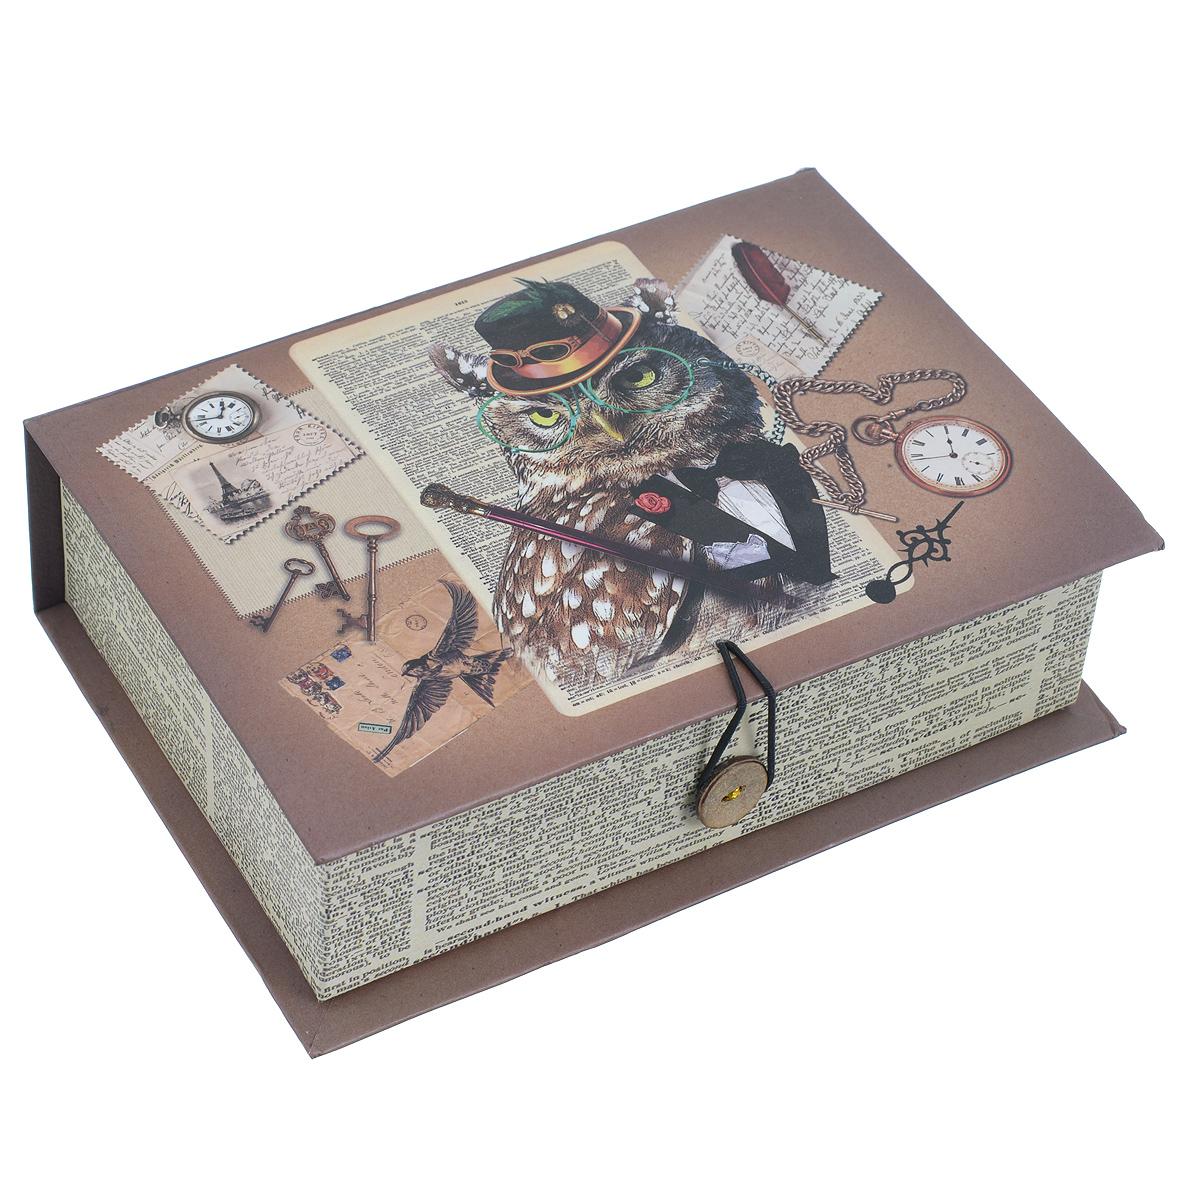 Подарочная коробка Гэтсби, 18 см х 12 см х 5 смSCB390409Подарочная коробка Гэтсби выполнена из плотного картона. Изделие оформлено изображением гламурной совы, часов, ключей. Коробка закрывается на пуговицу.Подарочная коробка - это наилучшее решение, если вы хотите порадовать ваших близких и создать праздничное настроение, ведь подарок, преподнесенный в оригинальной упаковке, всегда будет самым эффектным и запоминающимся. Окружите близких людей вниманием и заботой, вручив презент в нарядном, праздничном оформлении.Плотность картона: 1100 г/м2.